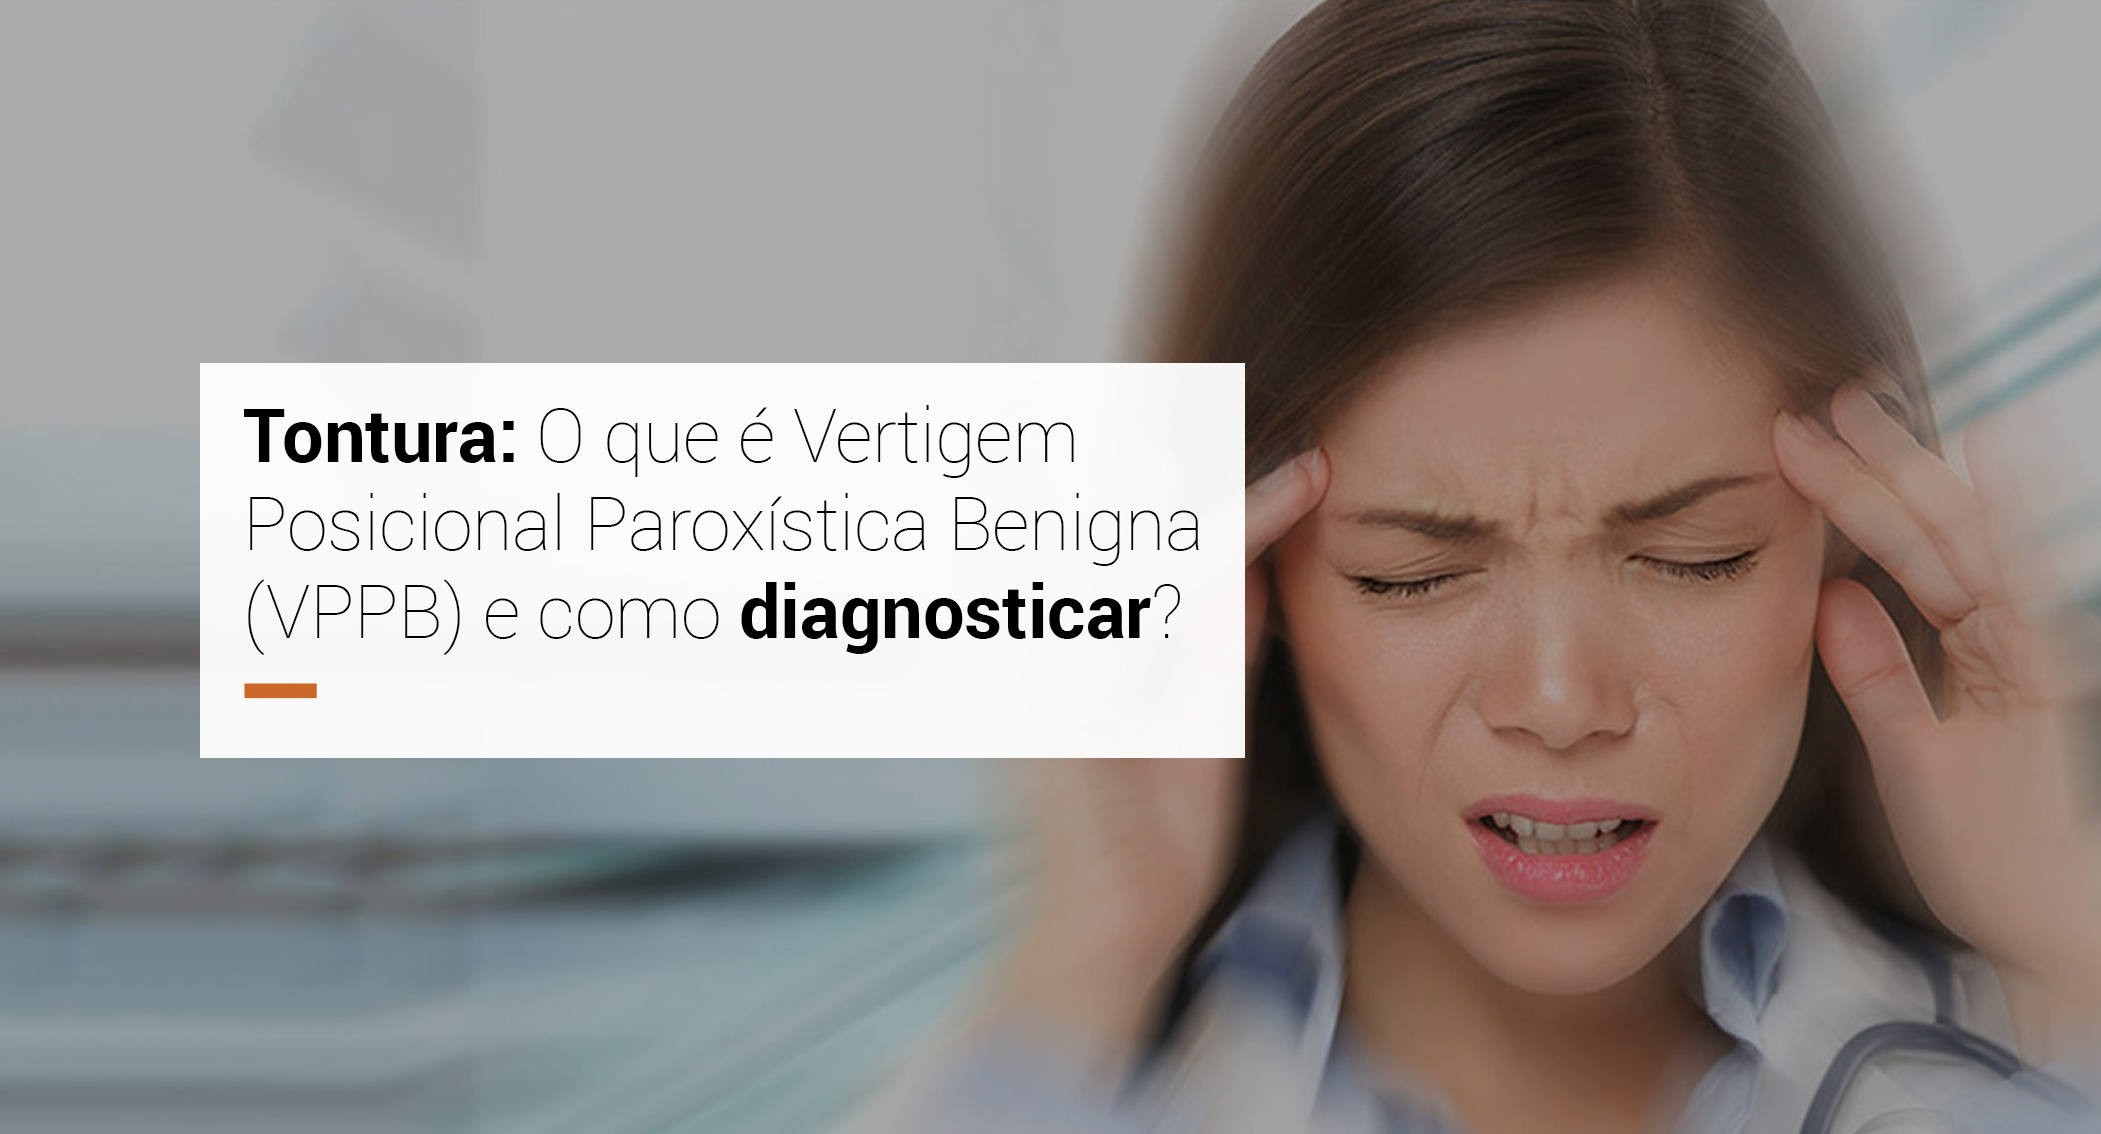 Tontura: O que é Vertigem Posicional Paroxística Benigna (VPPB) e como diagnosticar?